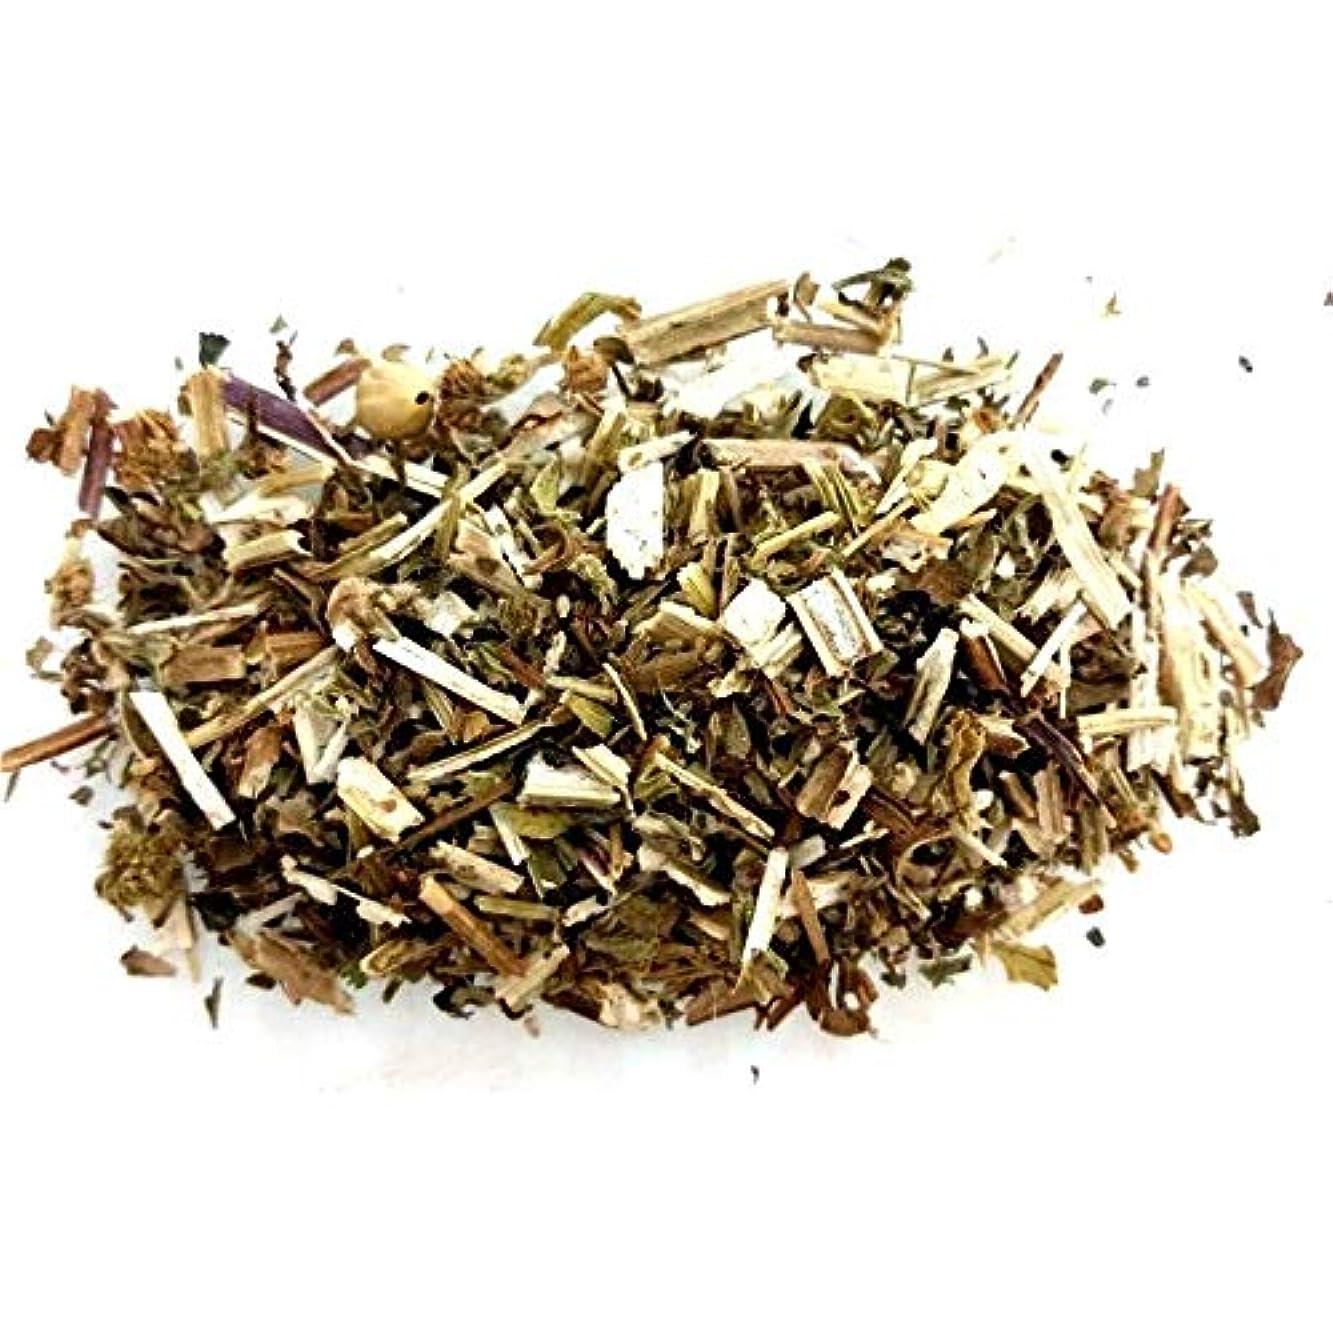 反毒不一致優先権種子パッケージ:フレグランスMagikal Seedion儀式ウィッカパガンゴス-Incense erwort